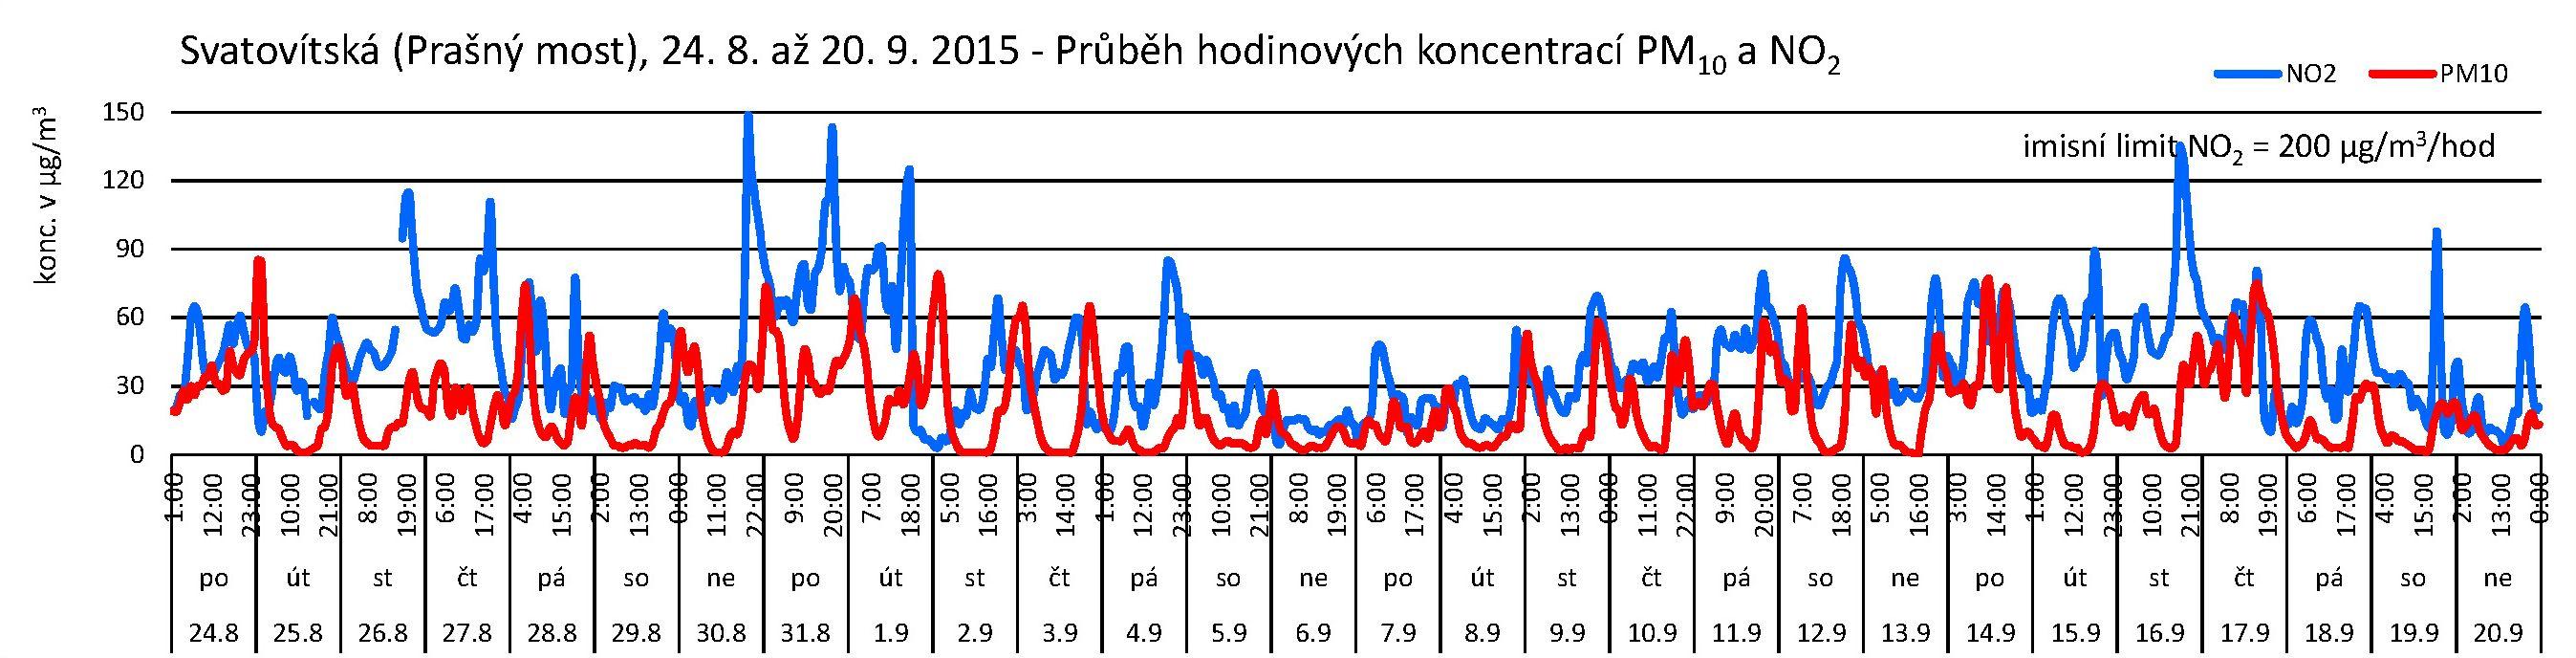 Svatovítská - 09.2015 - NO2 a PM10